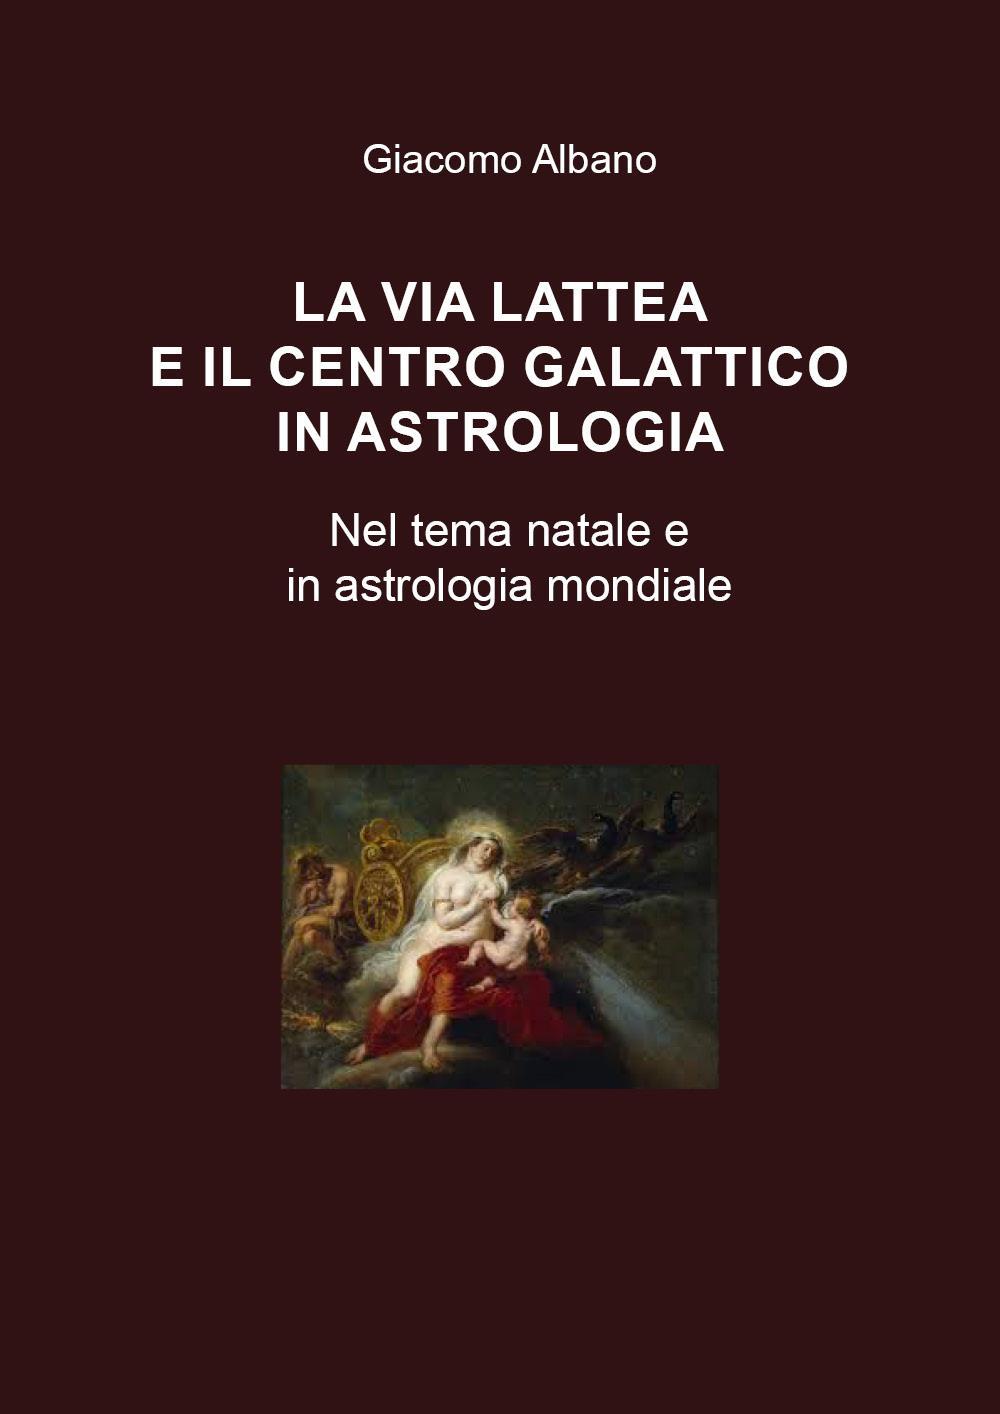 La Via Lattea e il centro galattico in astrologia. Nel tema natale e in astrologia mondiale